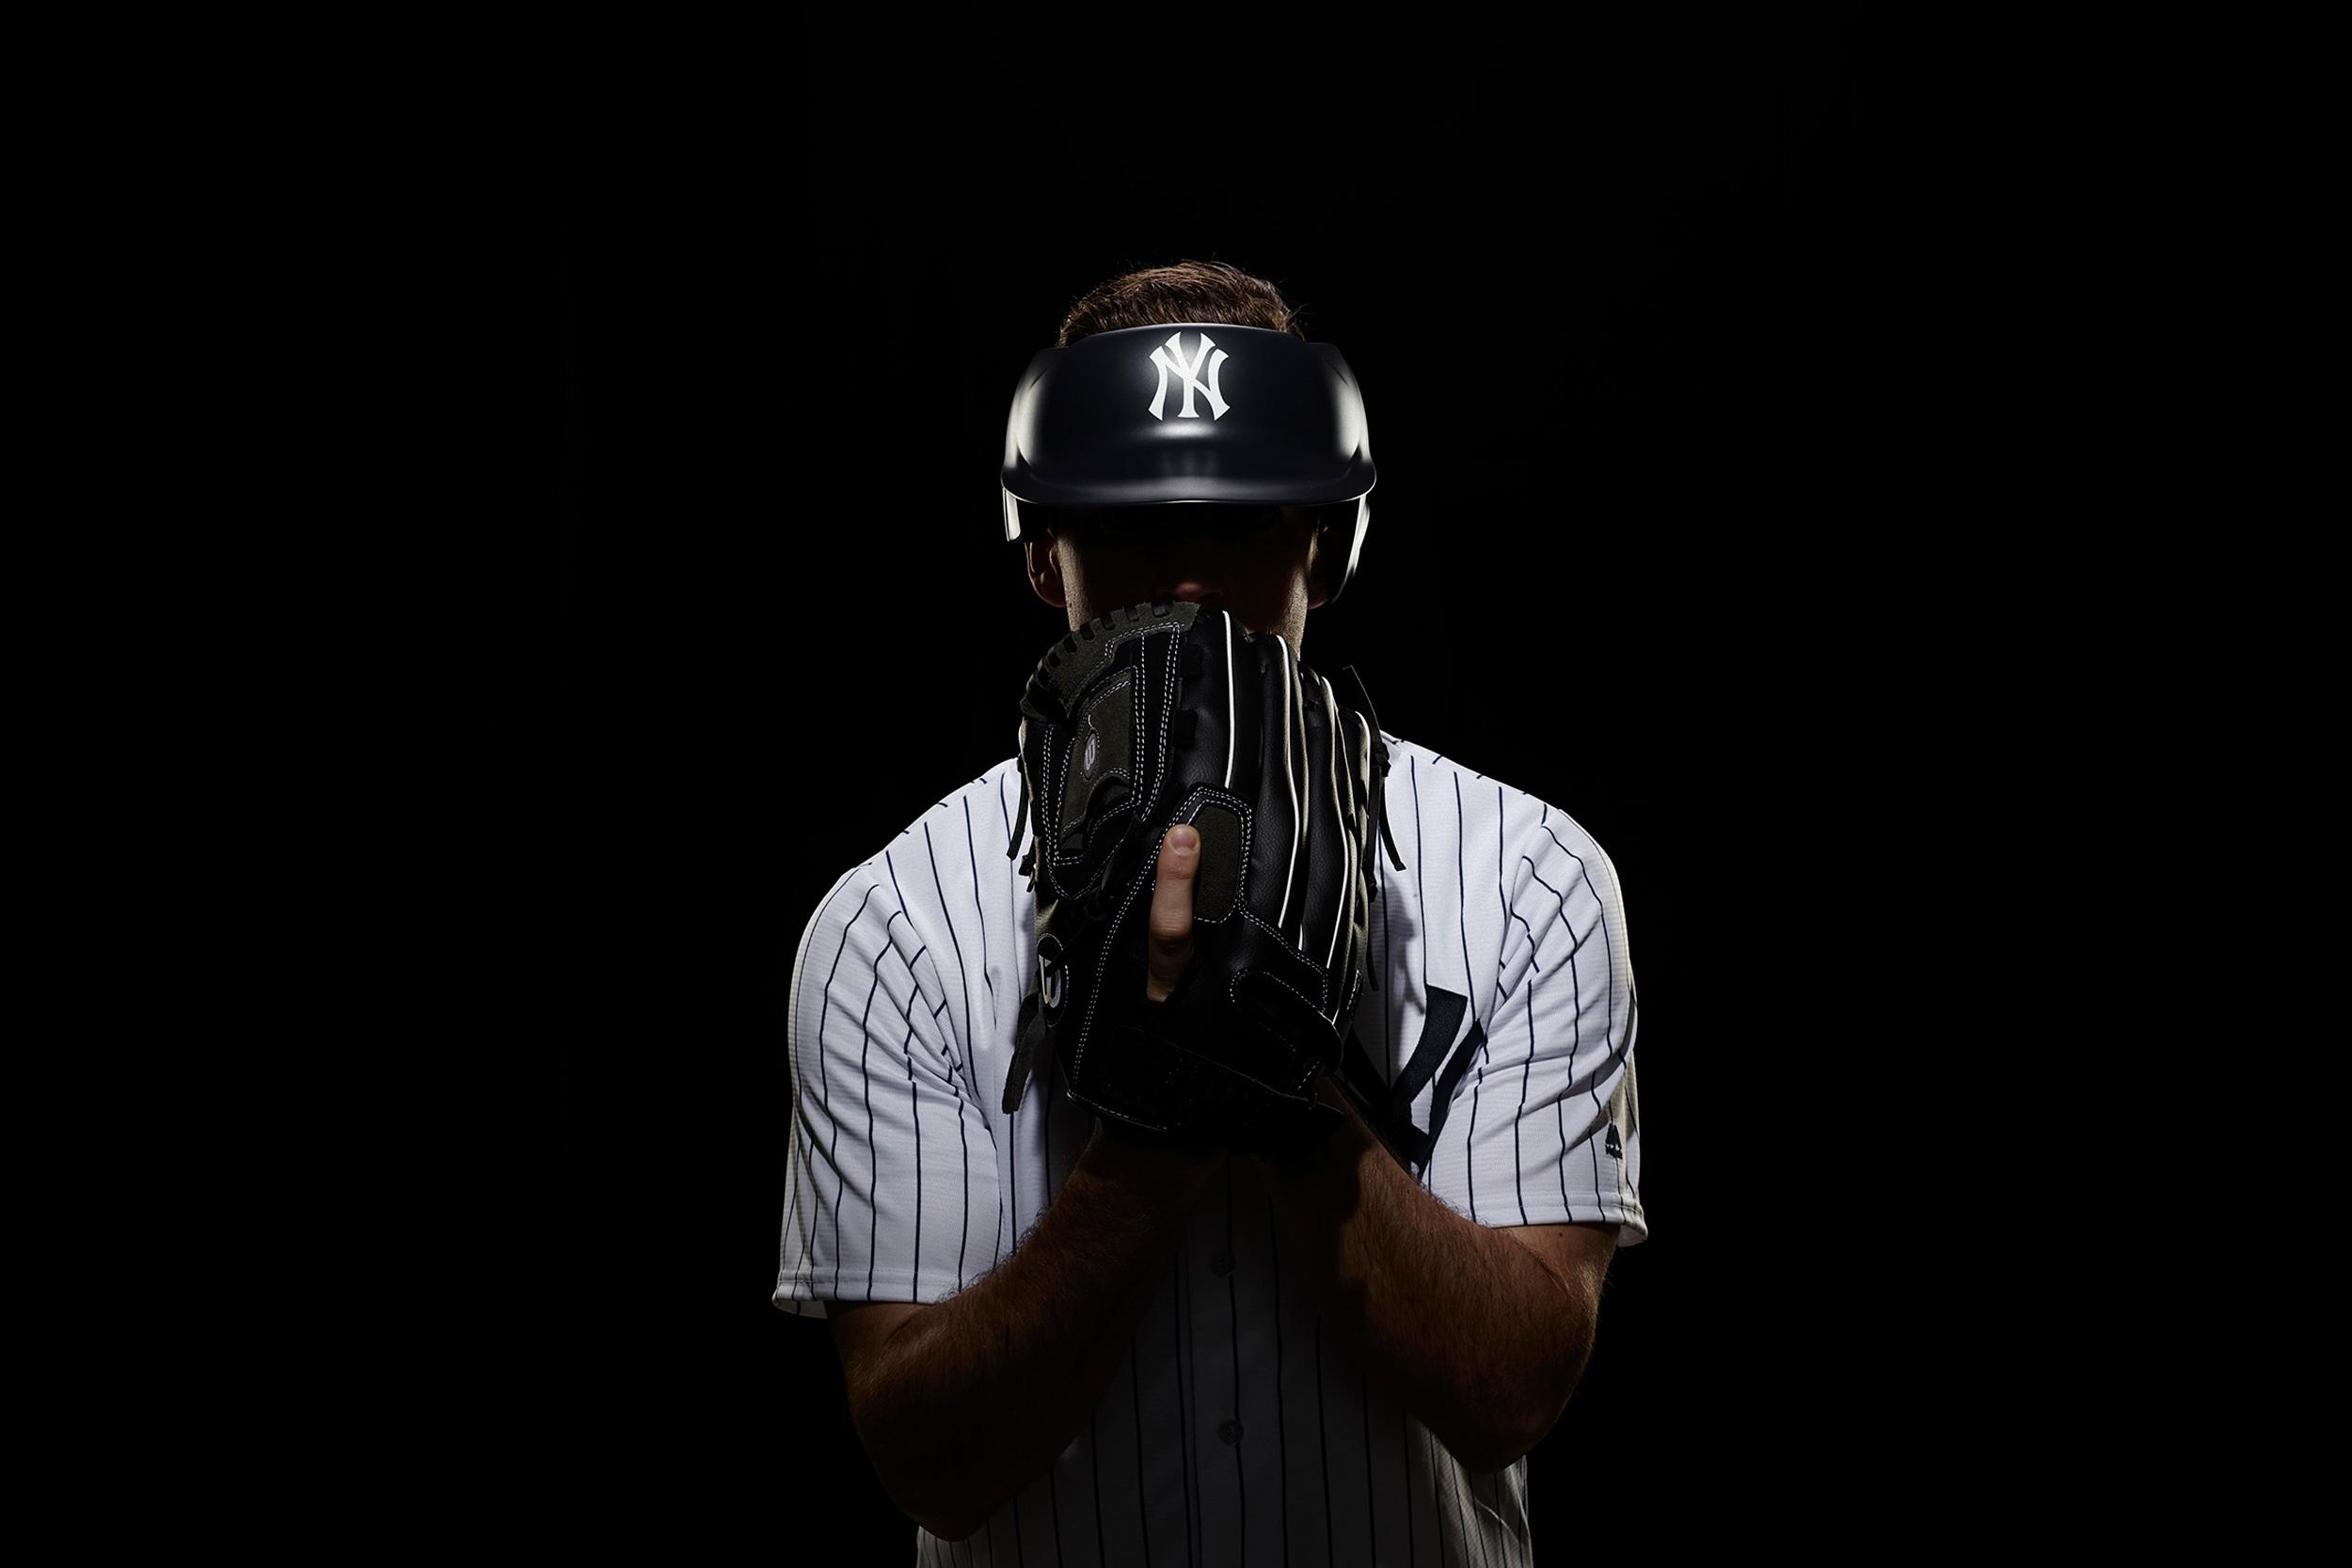 MLB_2.jpg